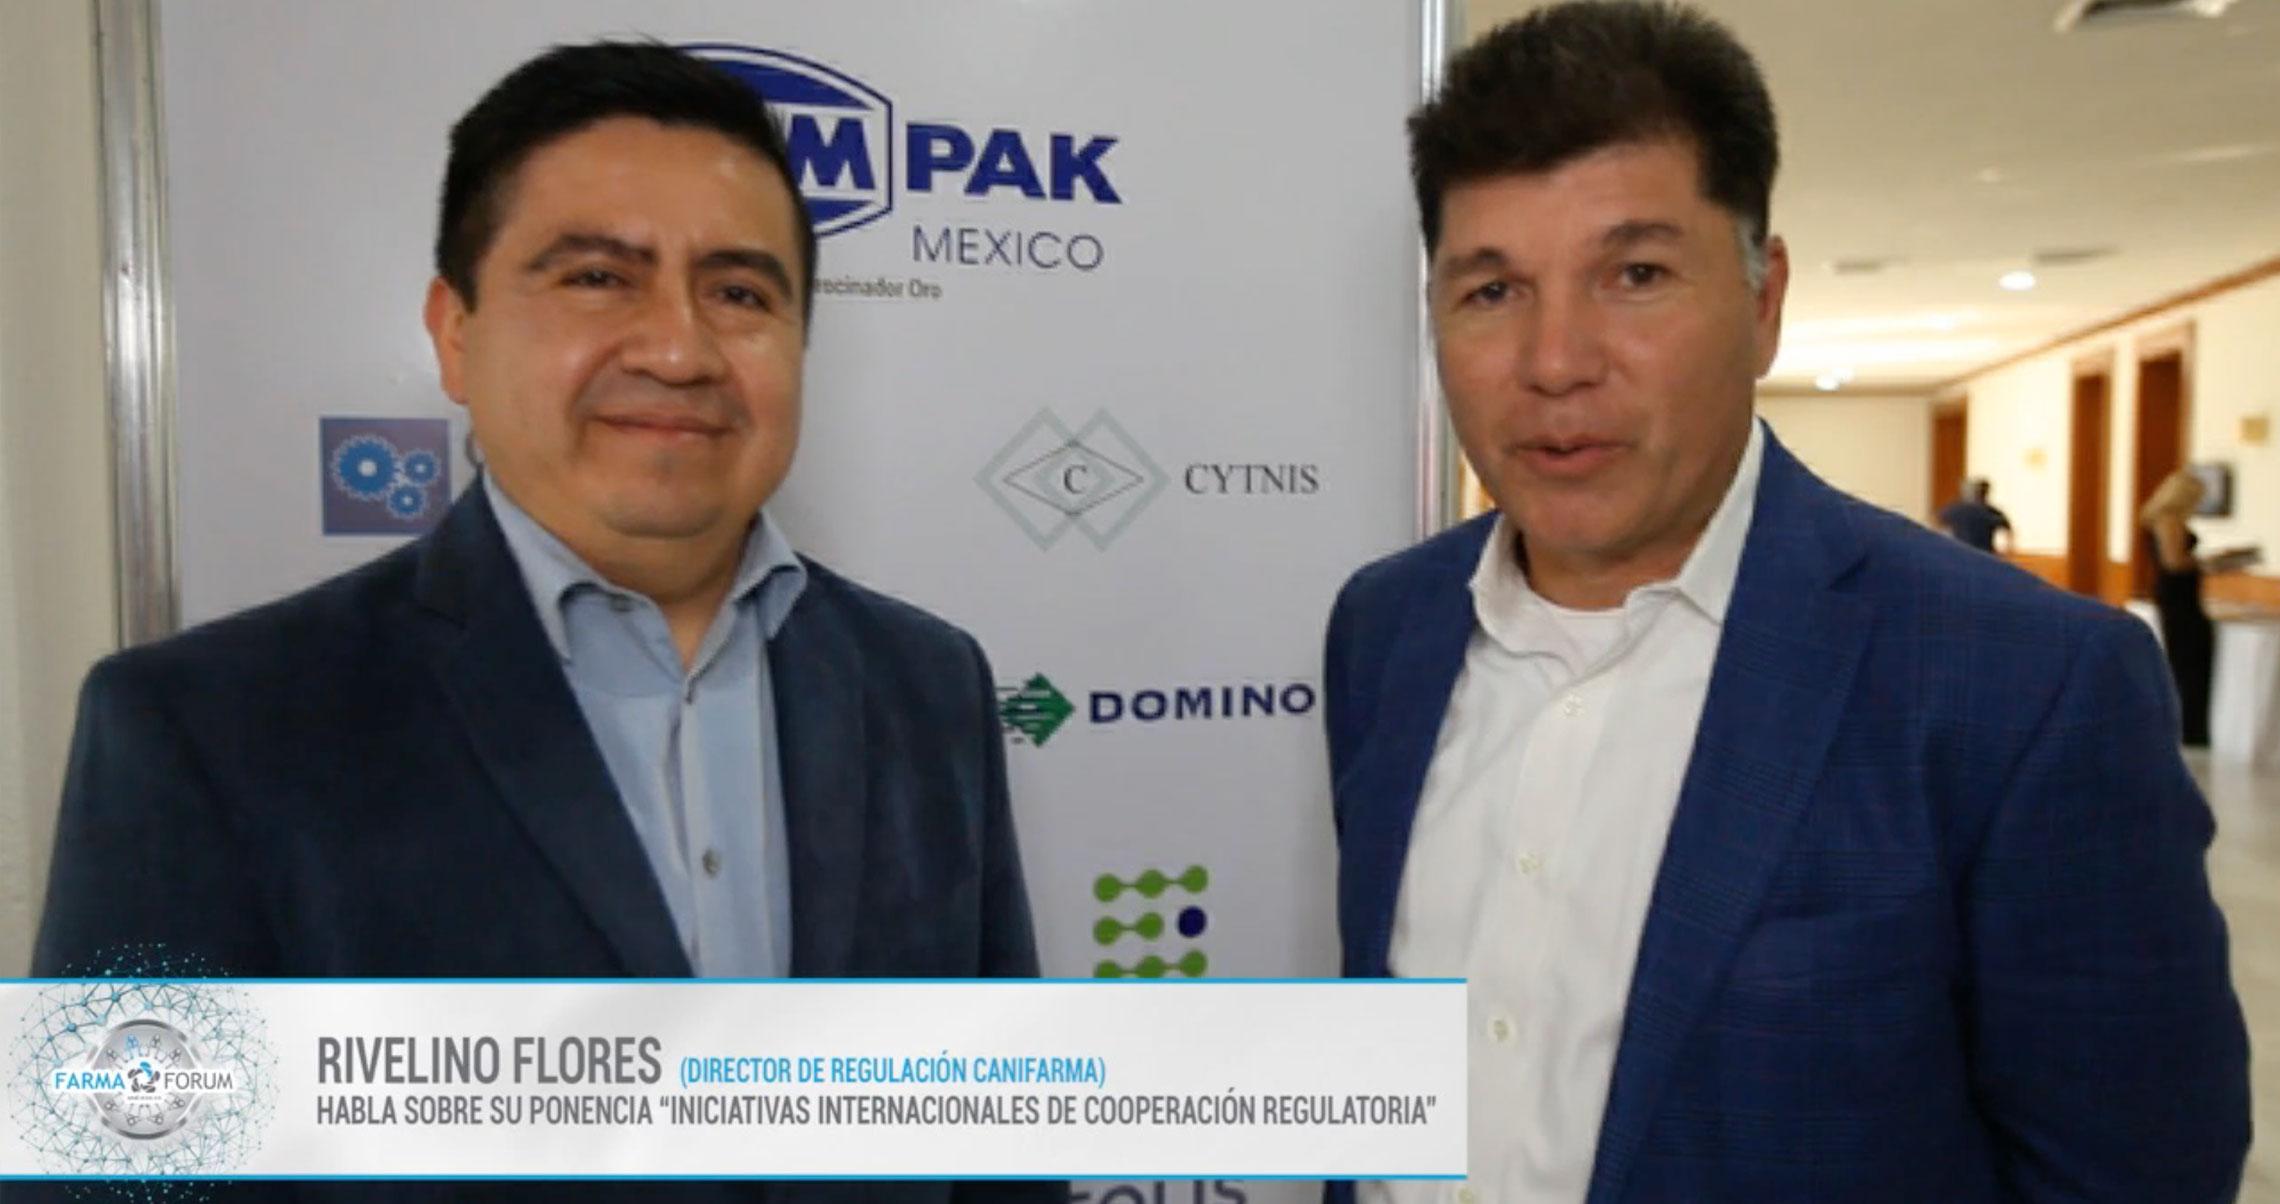 Rivelino Flores en el FarmaForum México 2019